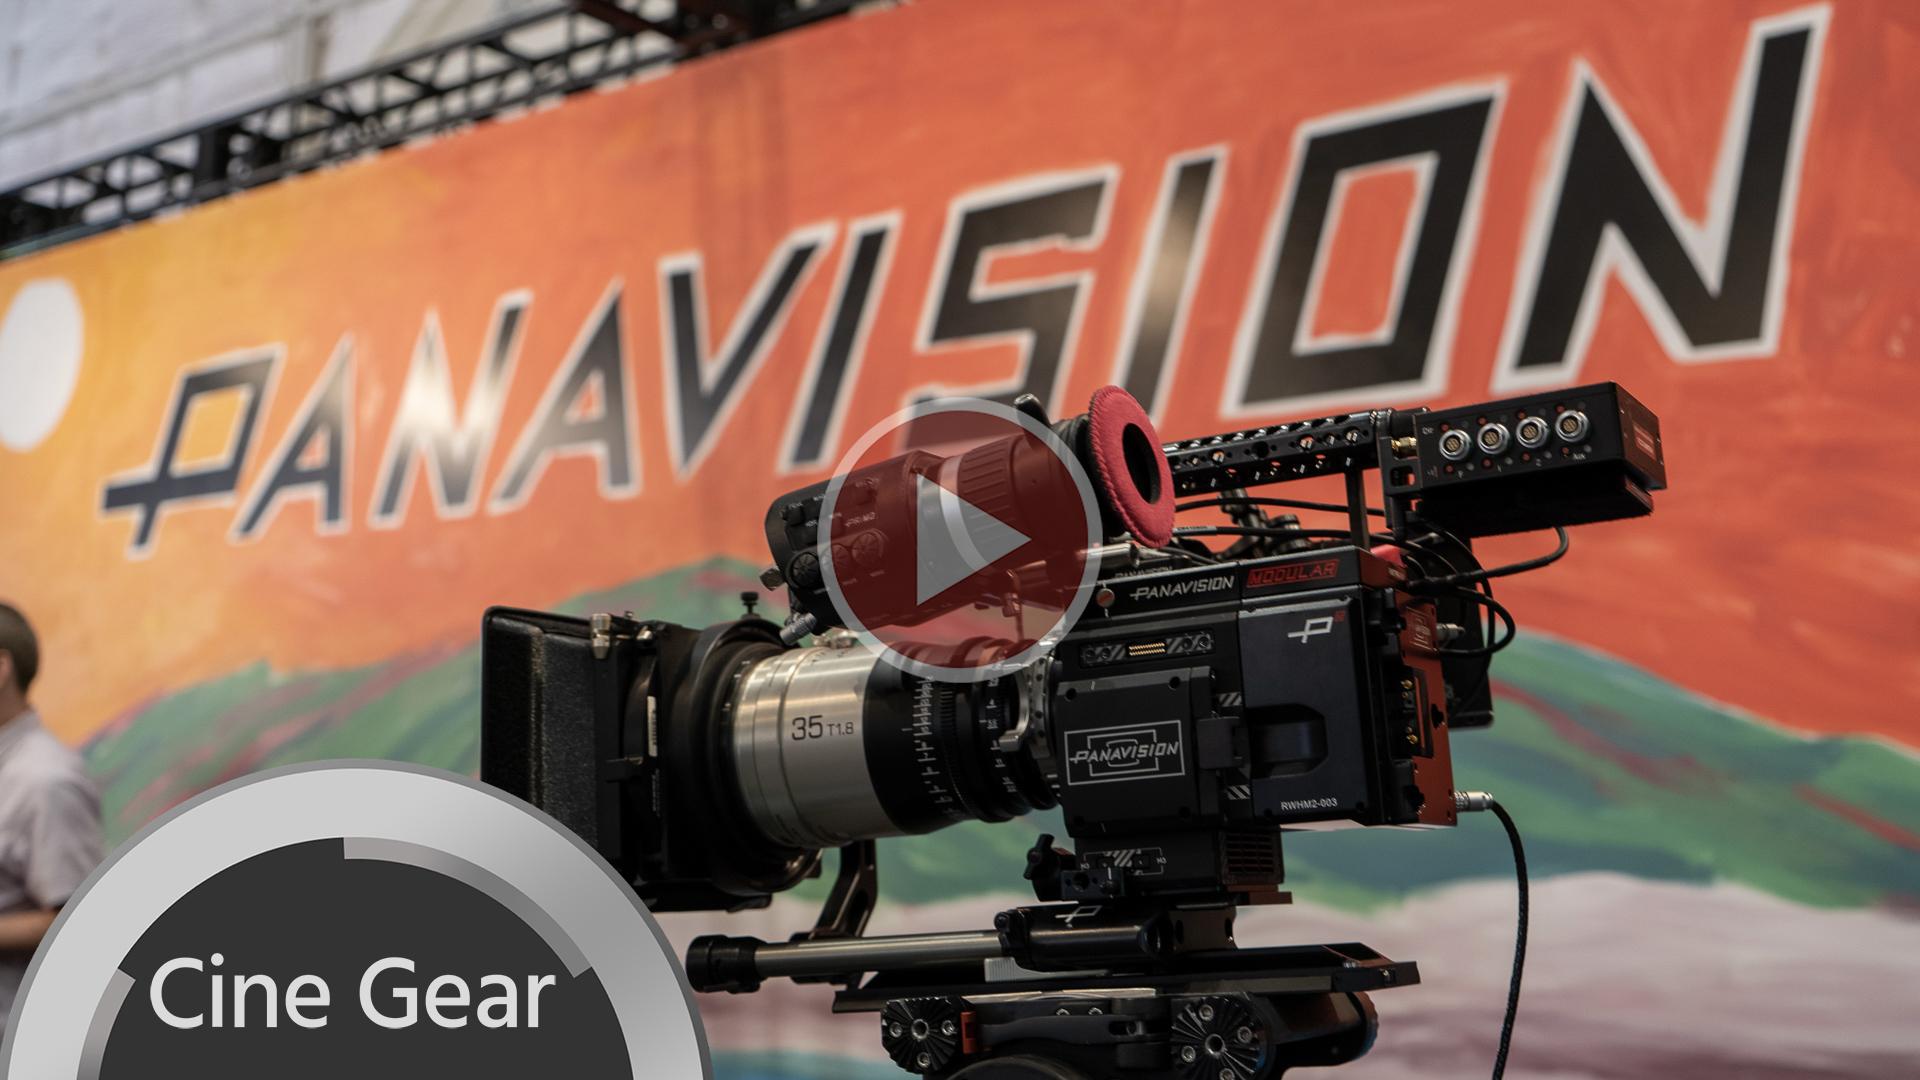 パナビジョン(Panavision)がDXL Mを発表 - 新しいハイエンドシネマカメラ